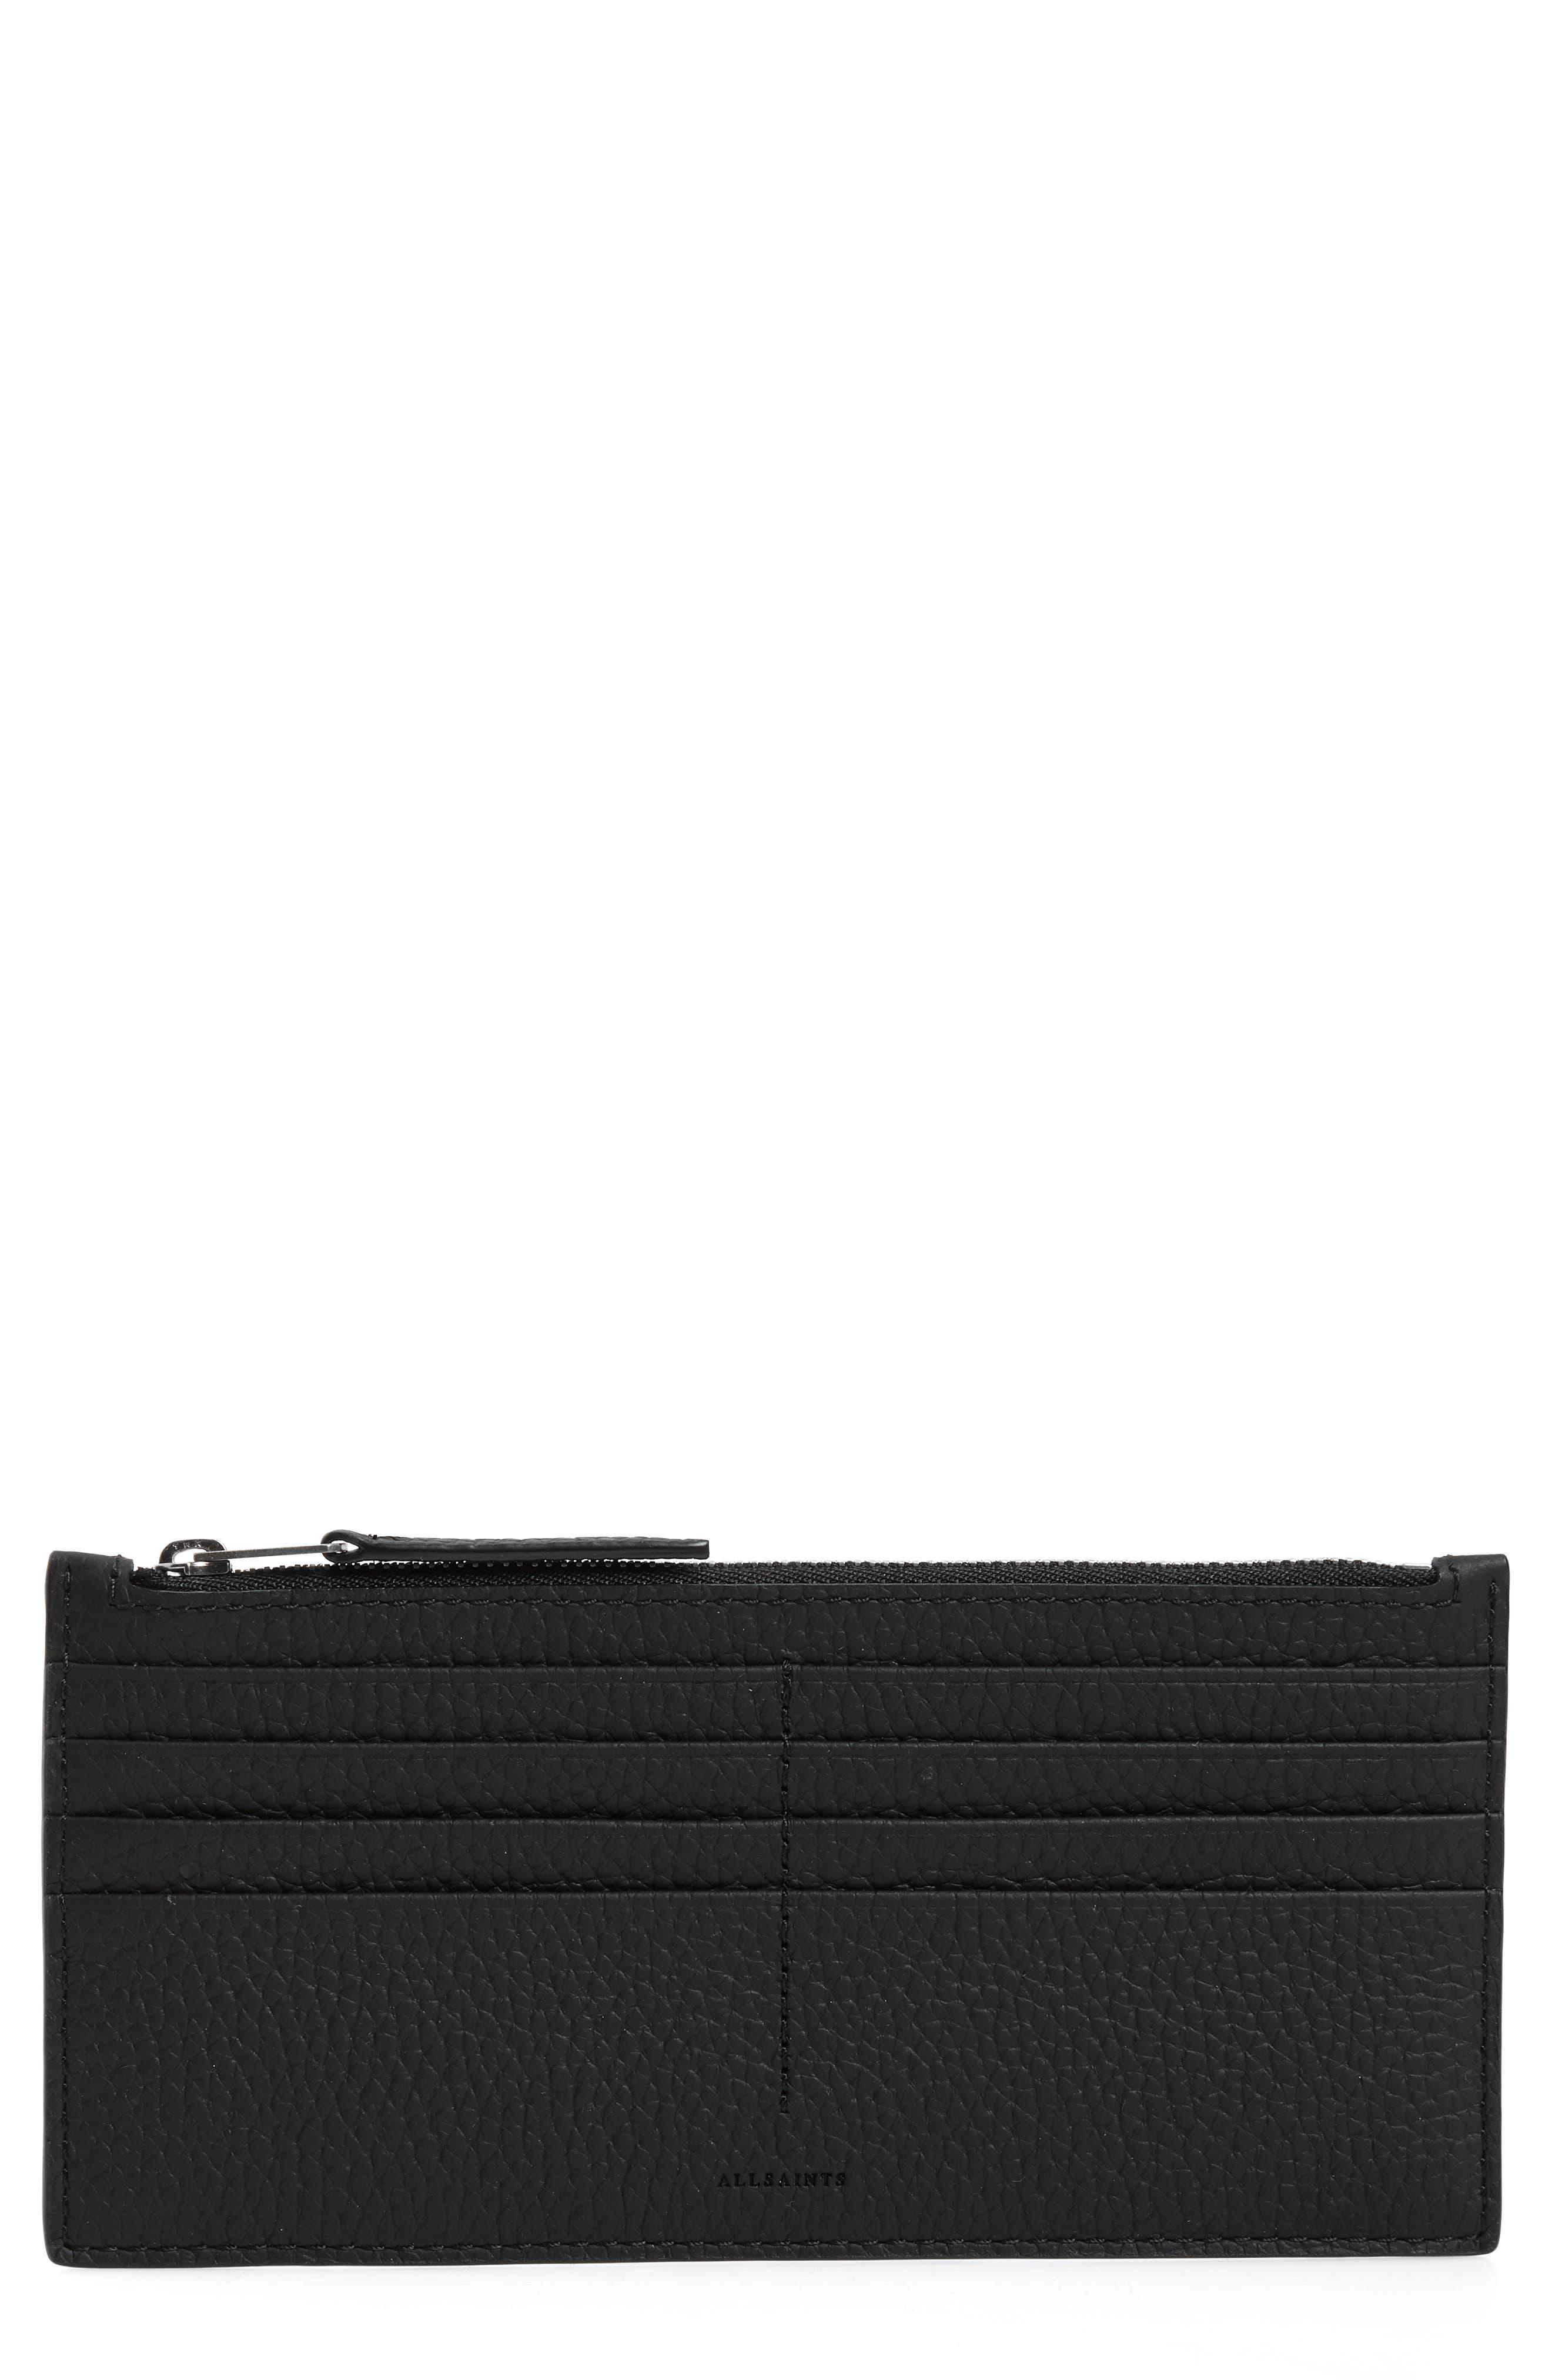 ALLSAINTS, Clip Lea Zip Leather Card Holder, Main thumbnail 1, color, BLACK